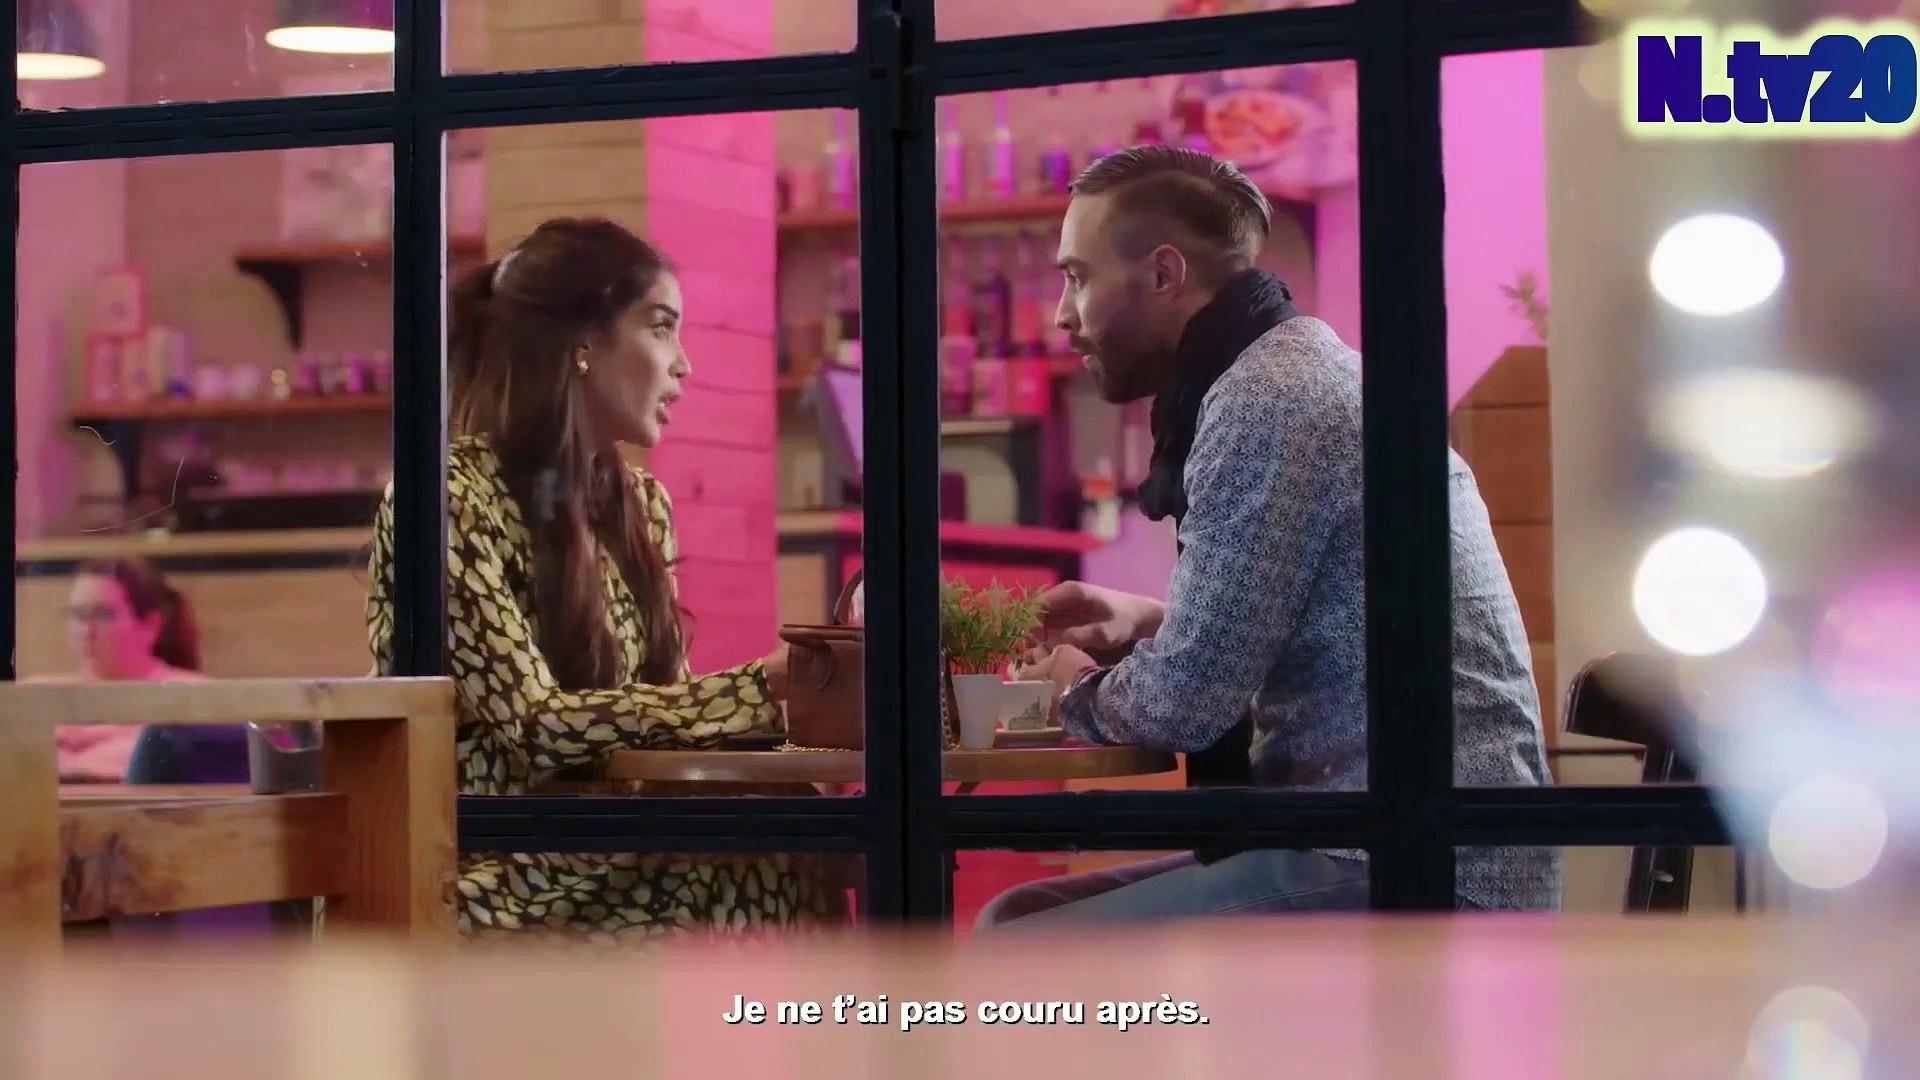 فيلم مغربي راجل لمرى الحلقة 1